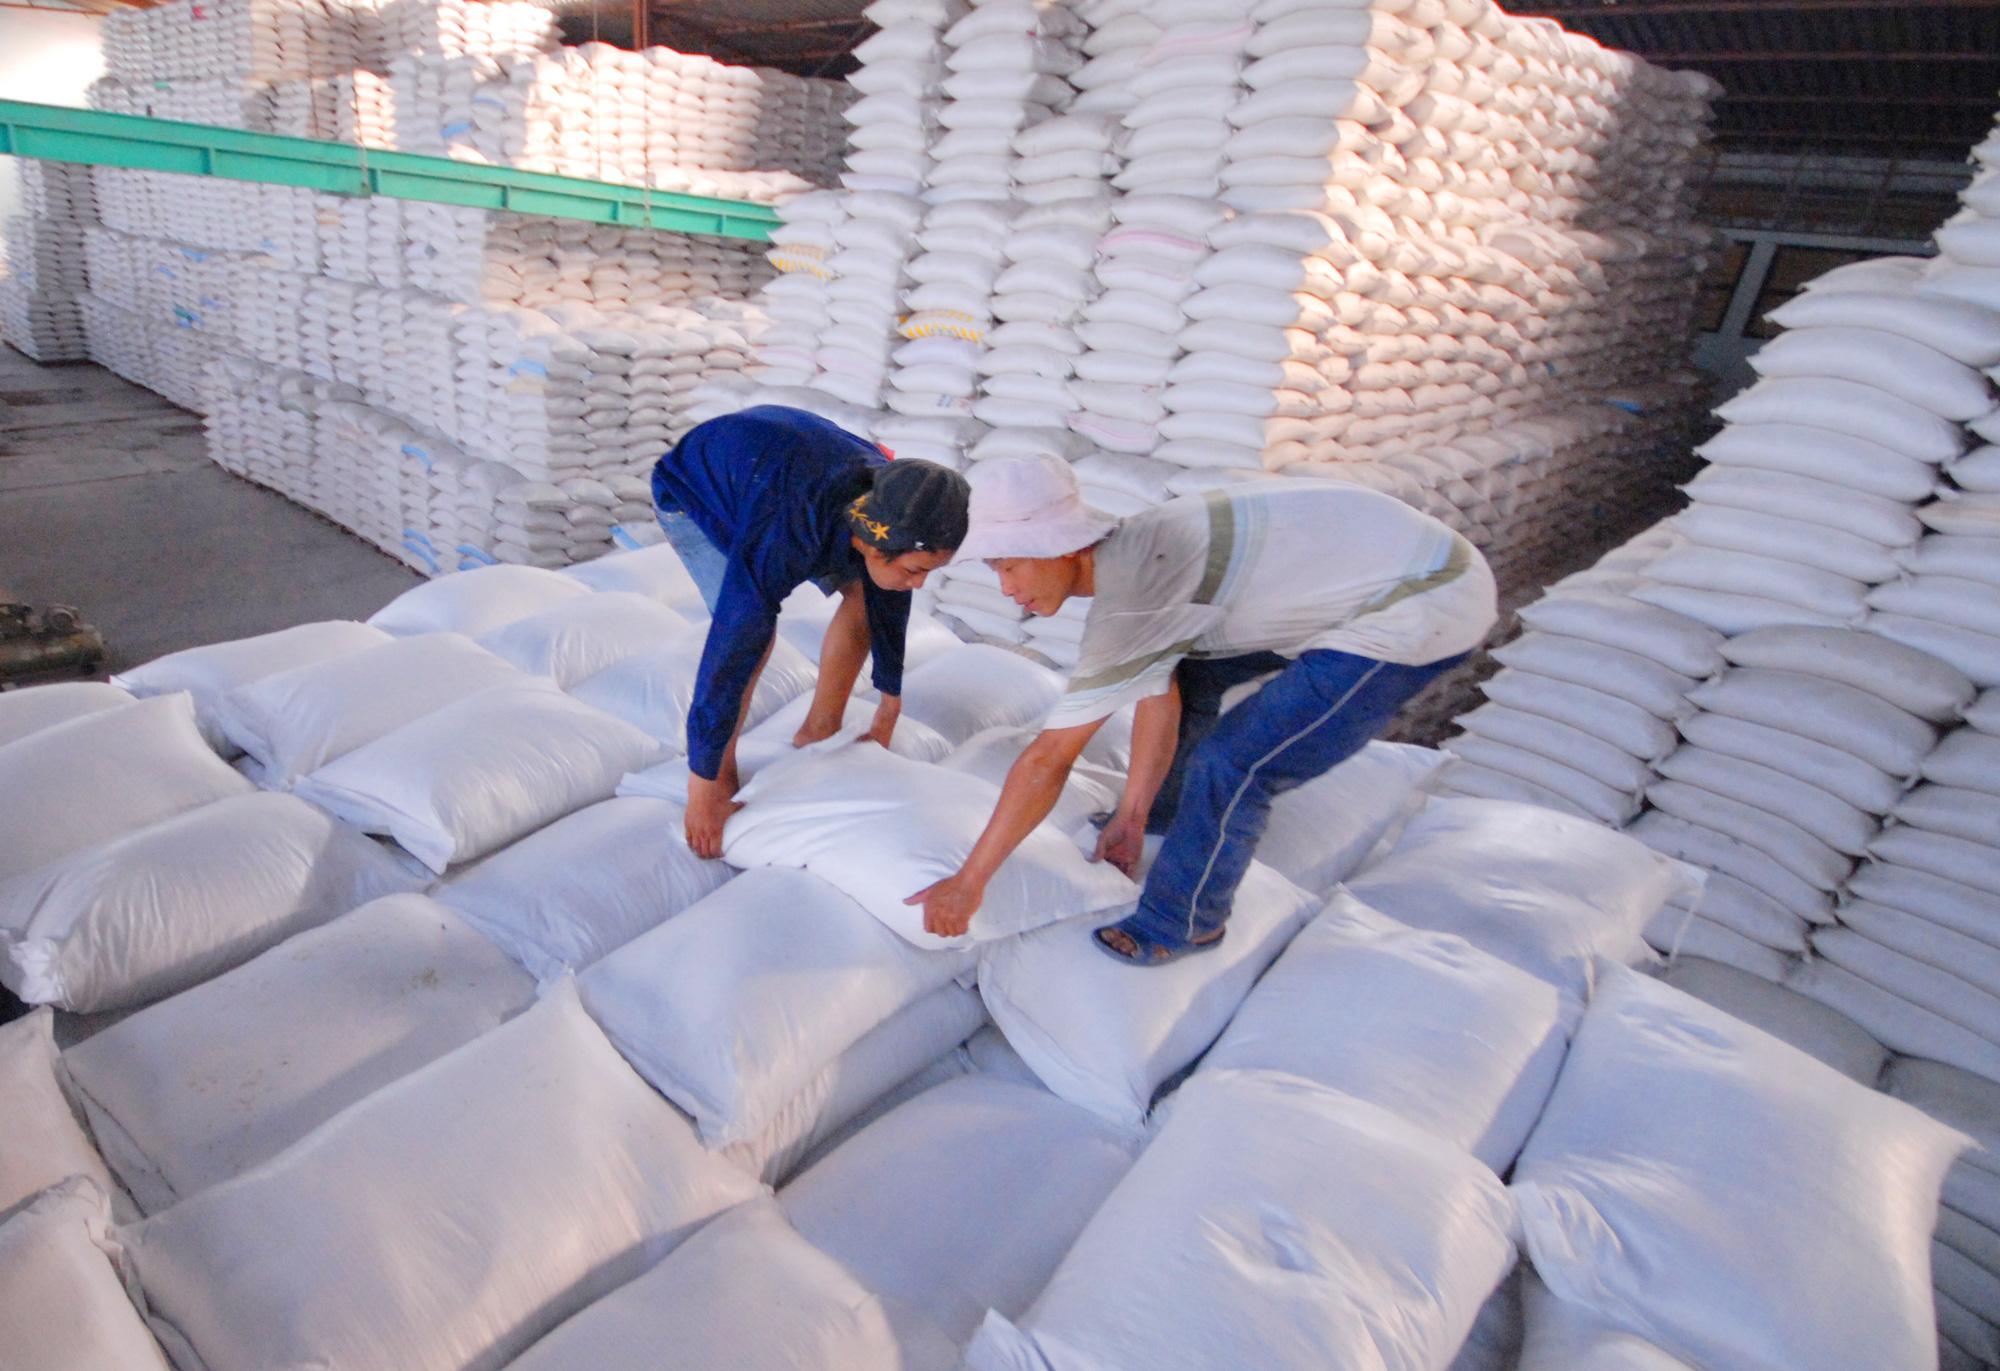 Kiến nghị cho xuất khẩu gạo bình thường, doanh nghiệp mừng ra mặt - Ảnh 1.